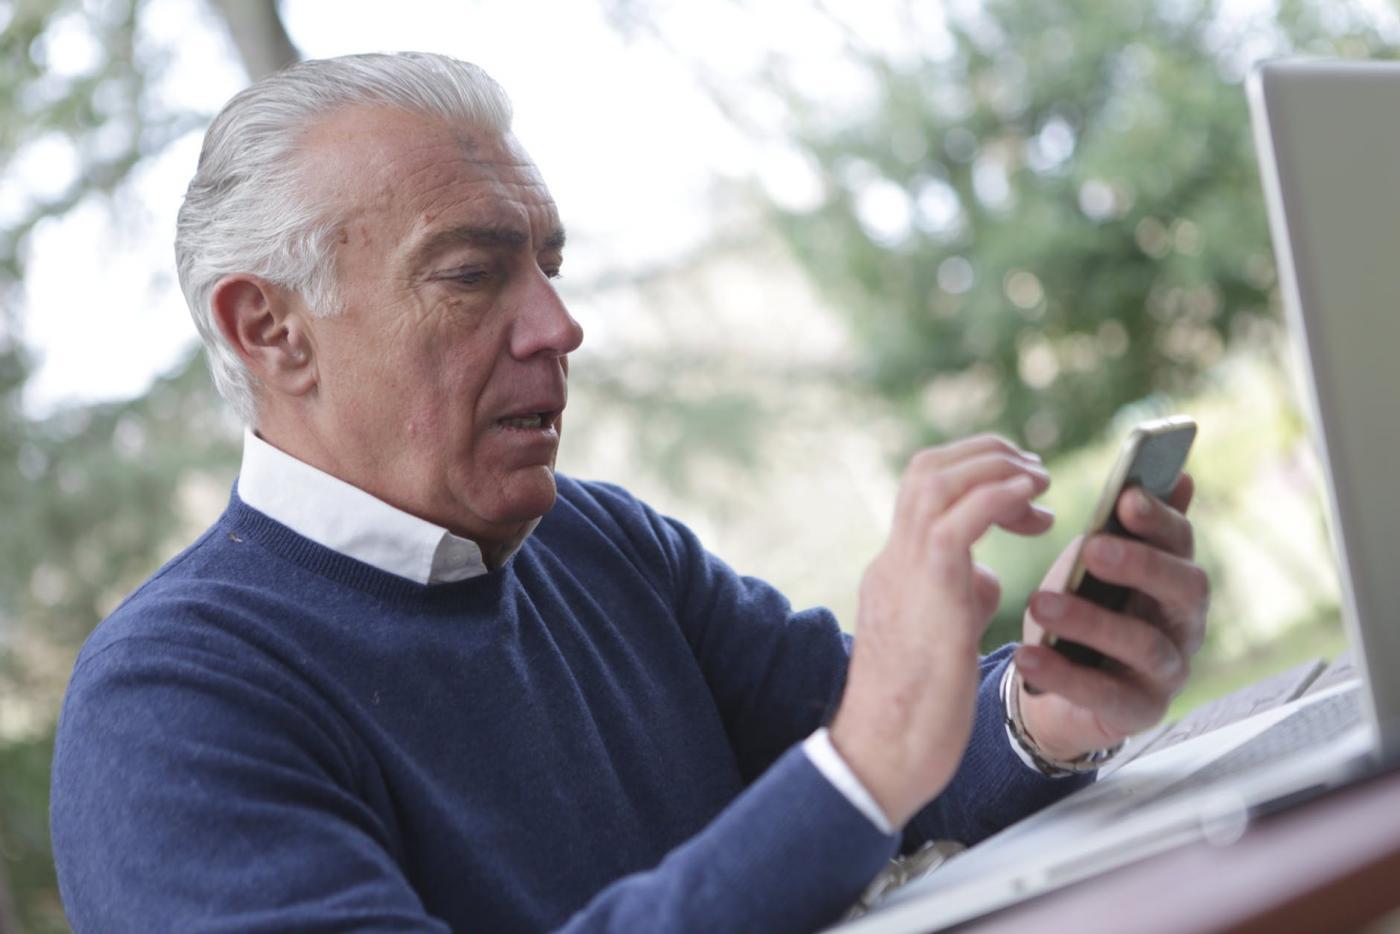 Koronawirus - Najważniejsze informacje dla seniorów